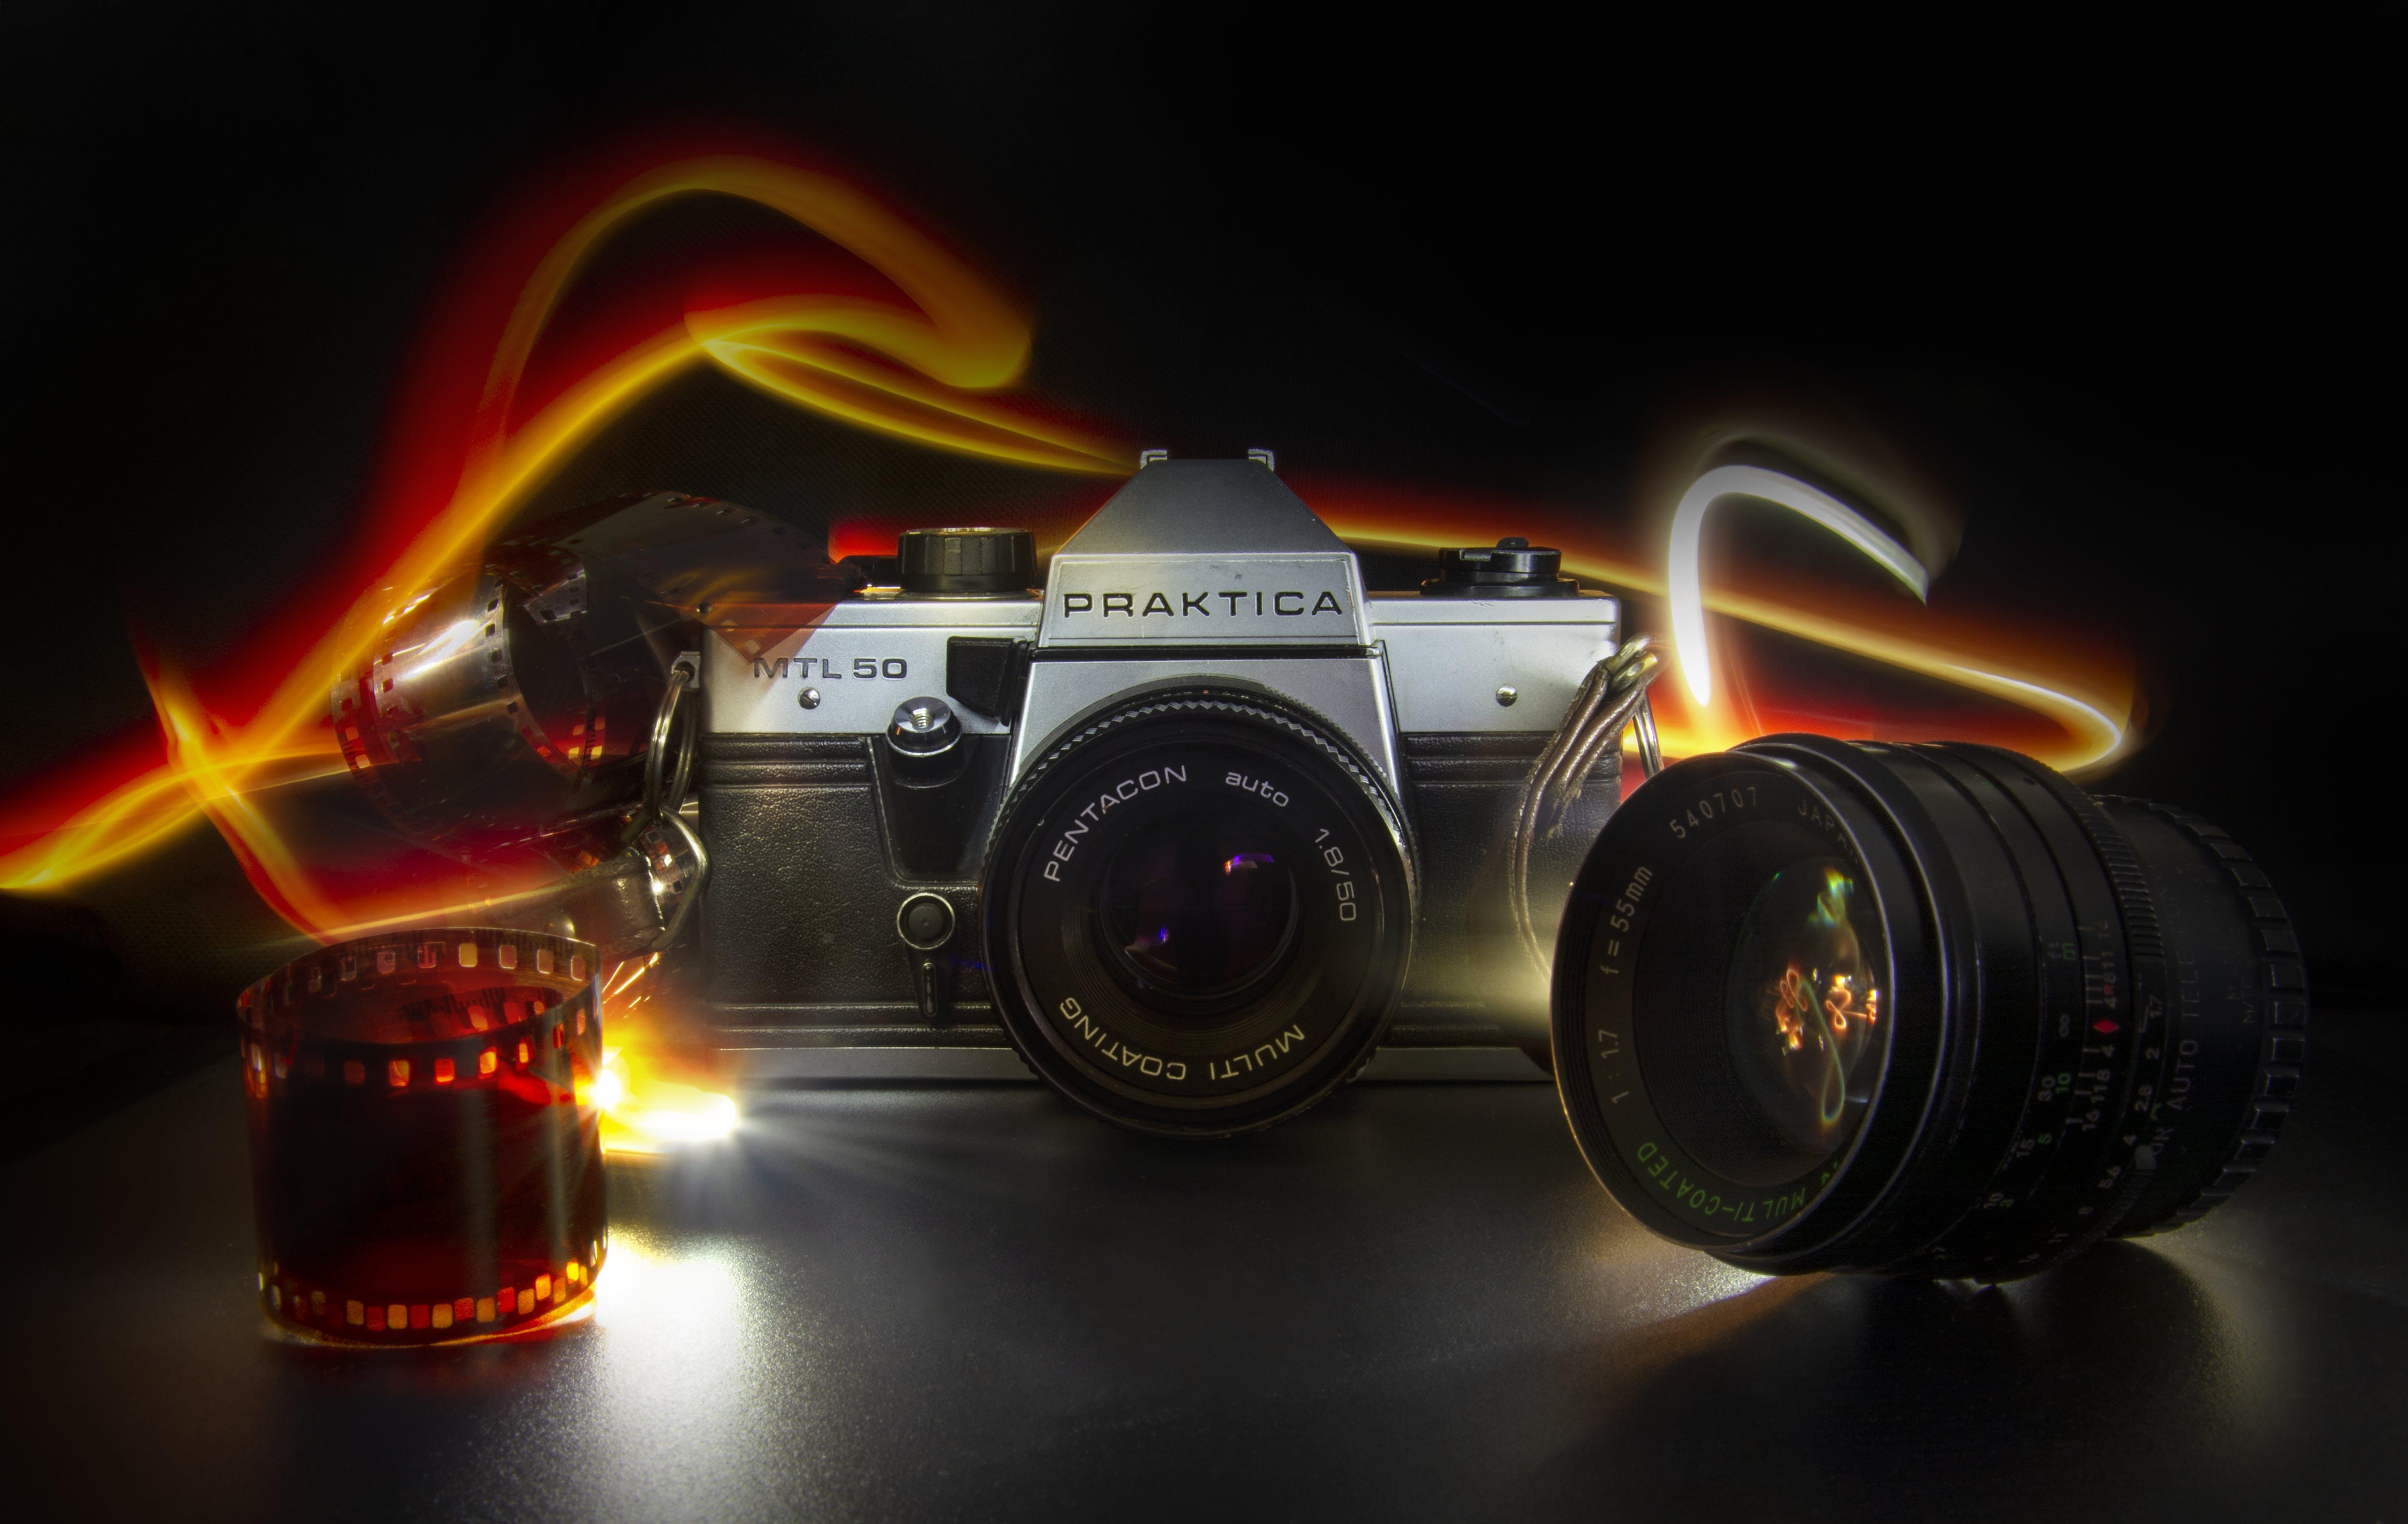 Gratis lagerfoto af pentacon praktica mtl50